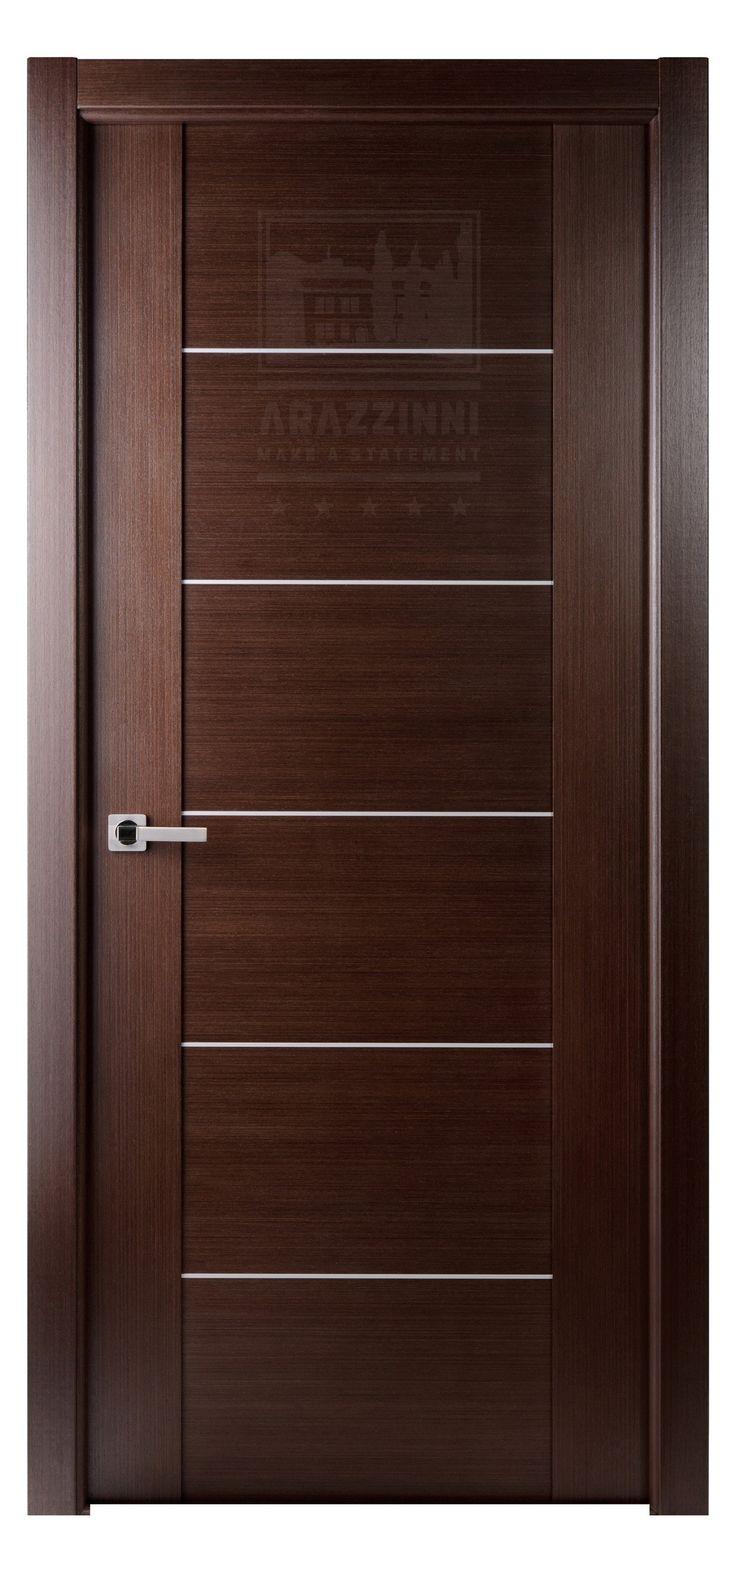 45 best images about puertas on pinterest internal doors for Interior 8 foot doors